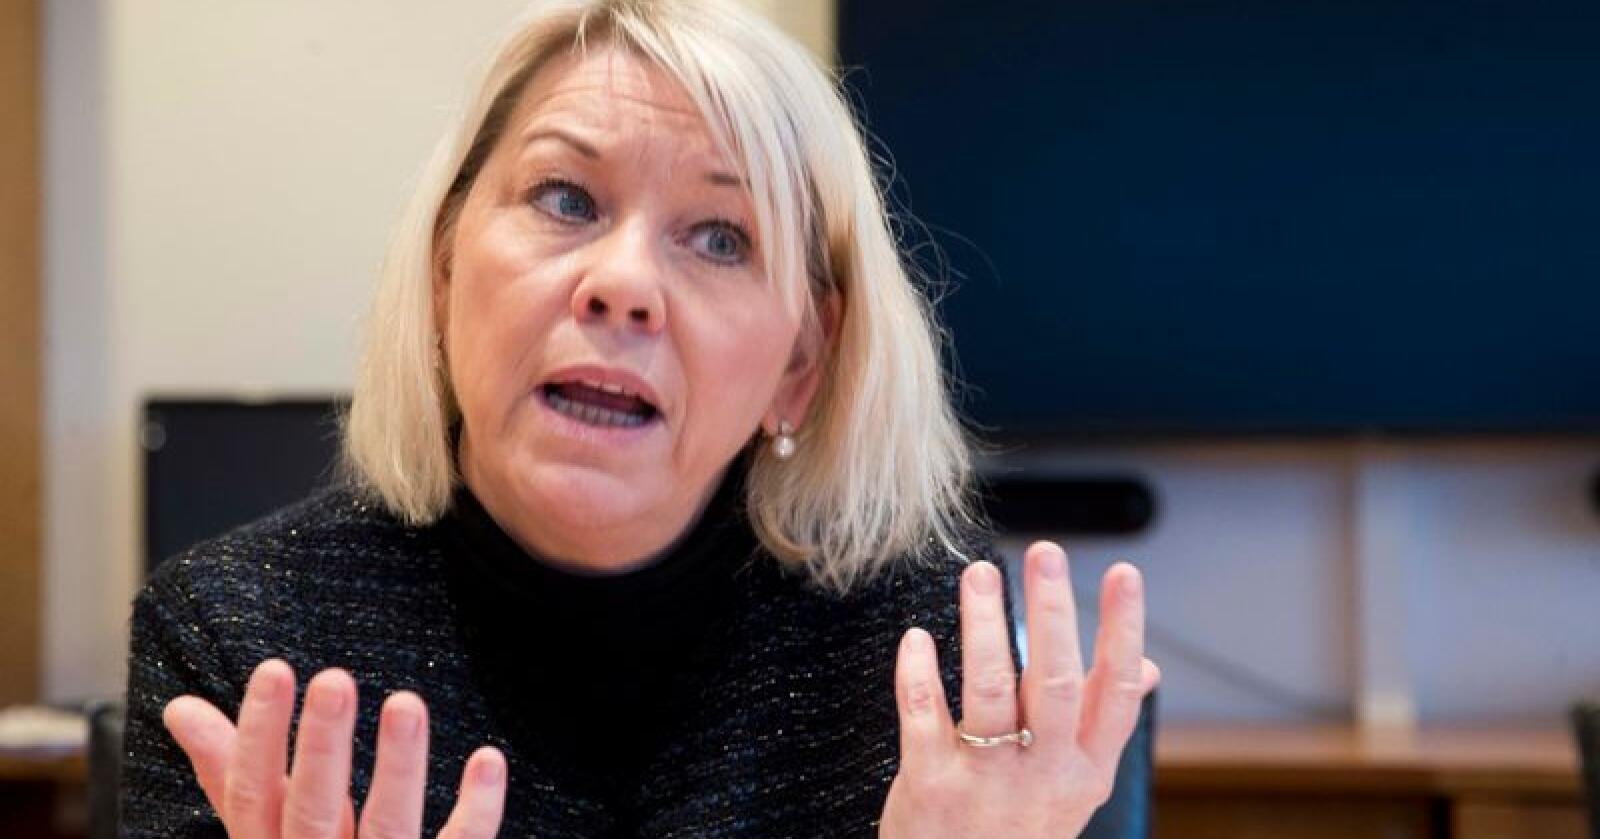 Kommunal- og moderniseringsminister Monica Mæland sier saken om Eidfjord Resort har vært vanskelig, men at departementet mener utbyggingen vil skape ny økonomisk aktivitet for kommunen. Foto: Terje Pedersen / NTB scanpix